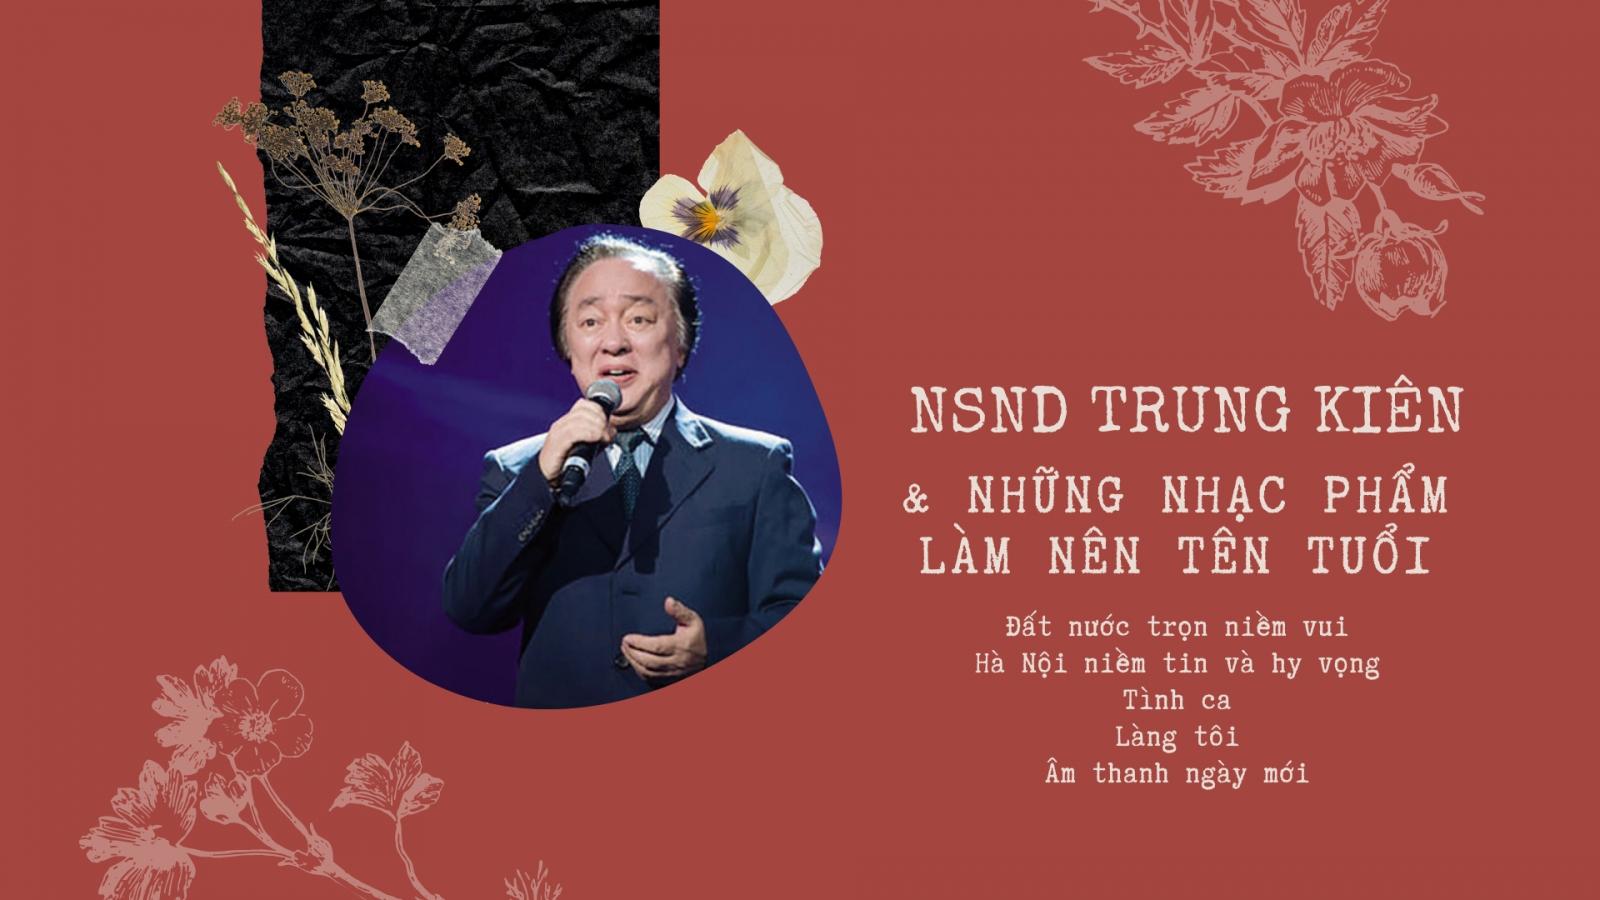 Nghe lại chất giọng nam cao hiếm có của NSND Trung Kiên